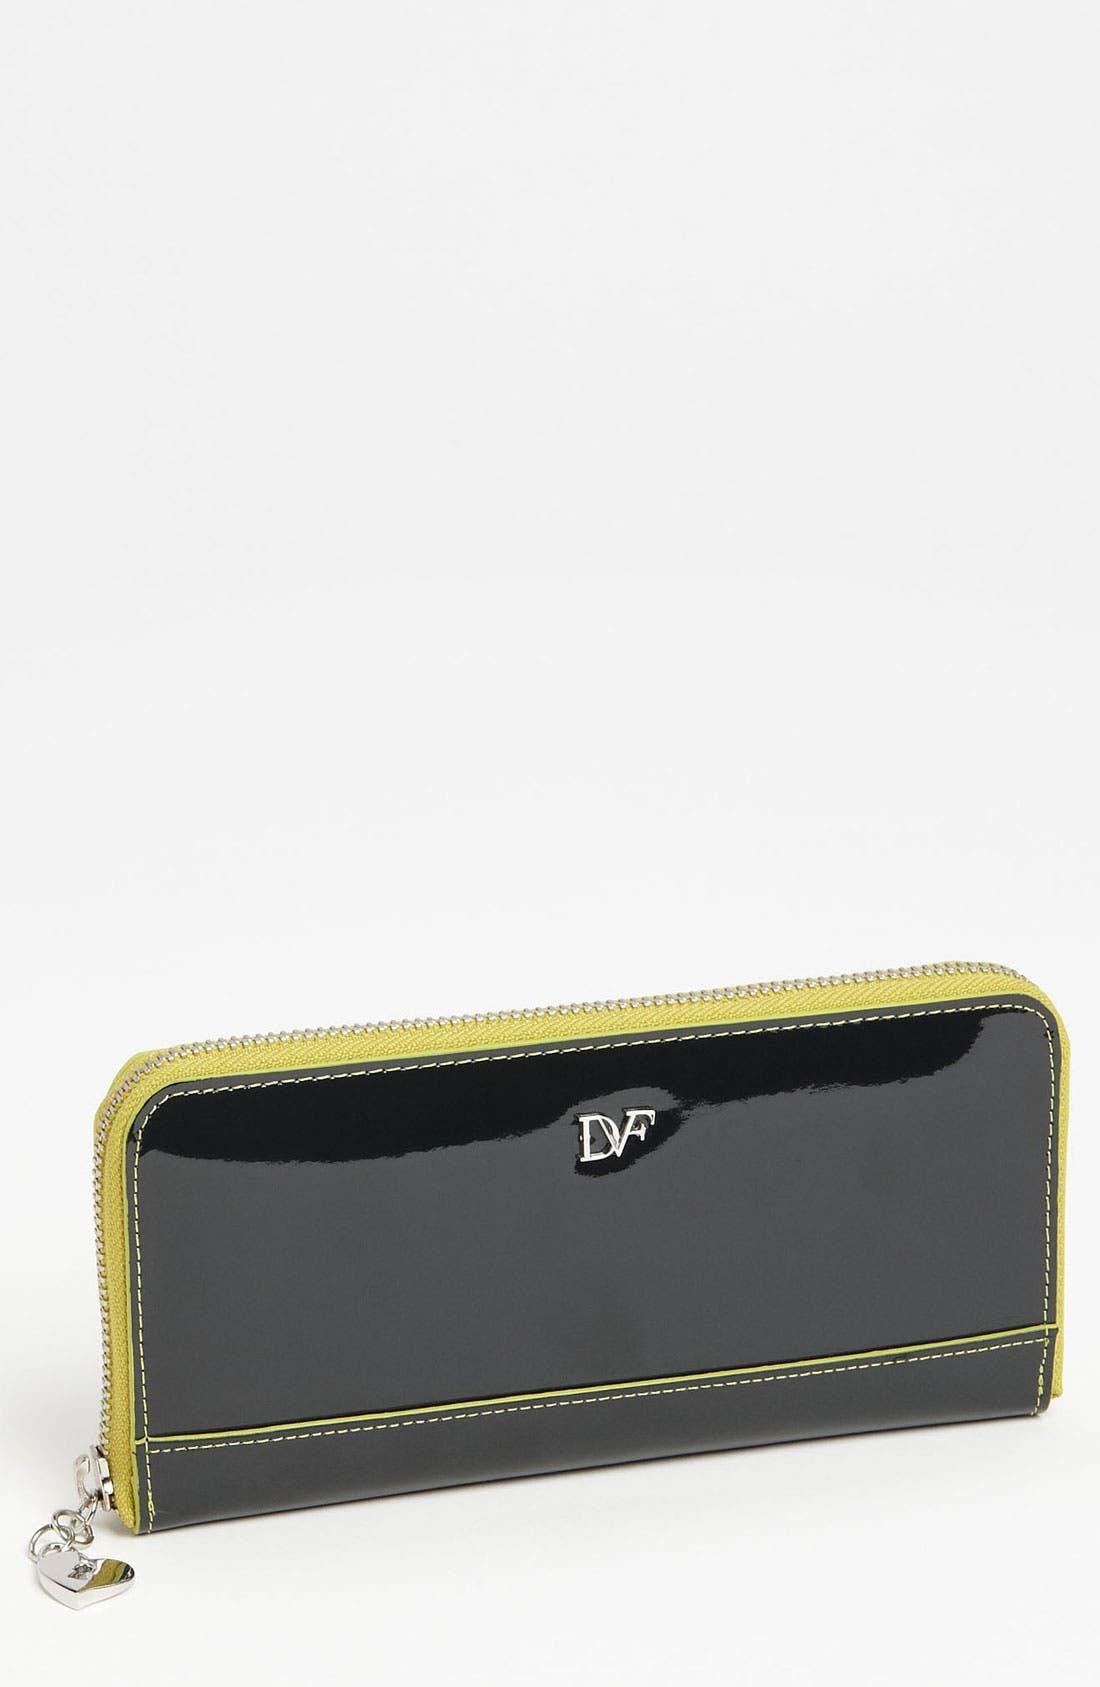 Main Image - Diane von Furstenberg Heart Charm Patent Leather Wallet